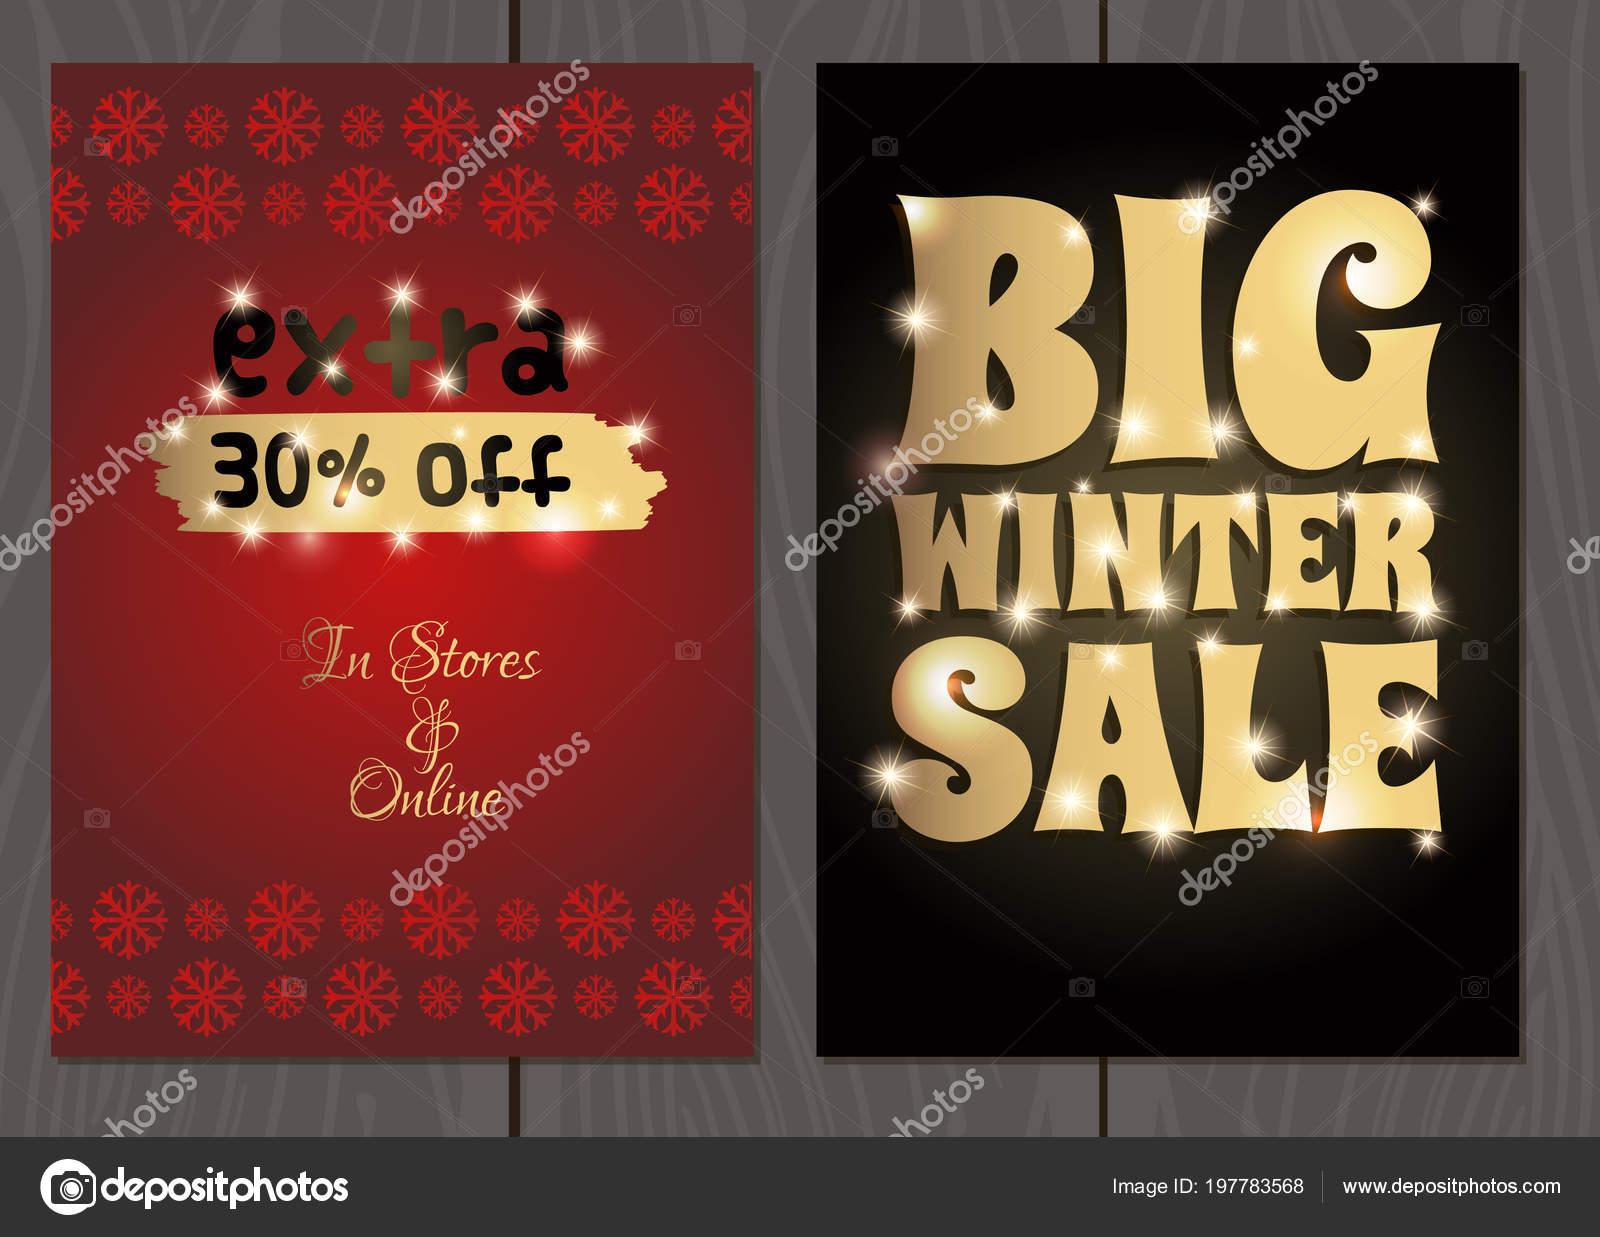 498cbfa456 Poster o flyer per Natale e Capodanno saldi e promozioni — Vettoriali di  filkusto